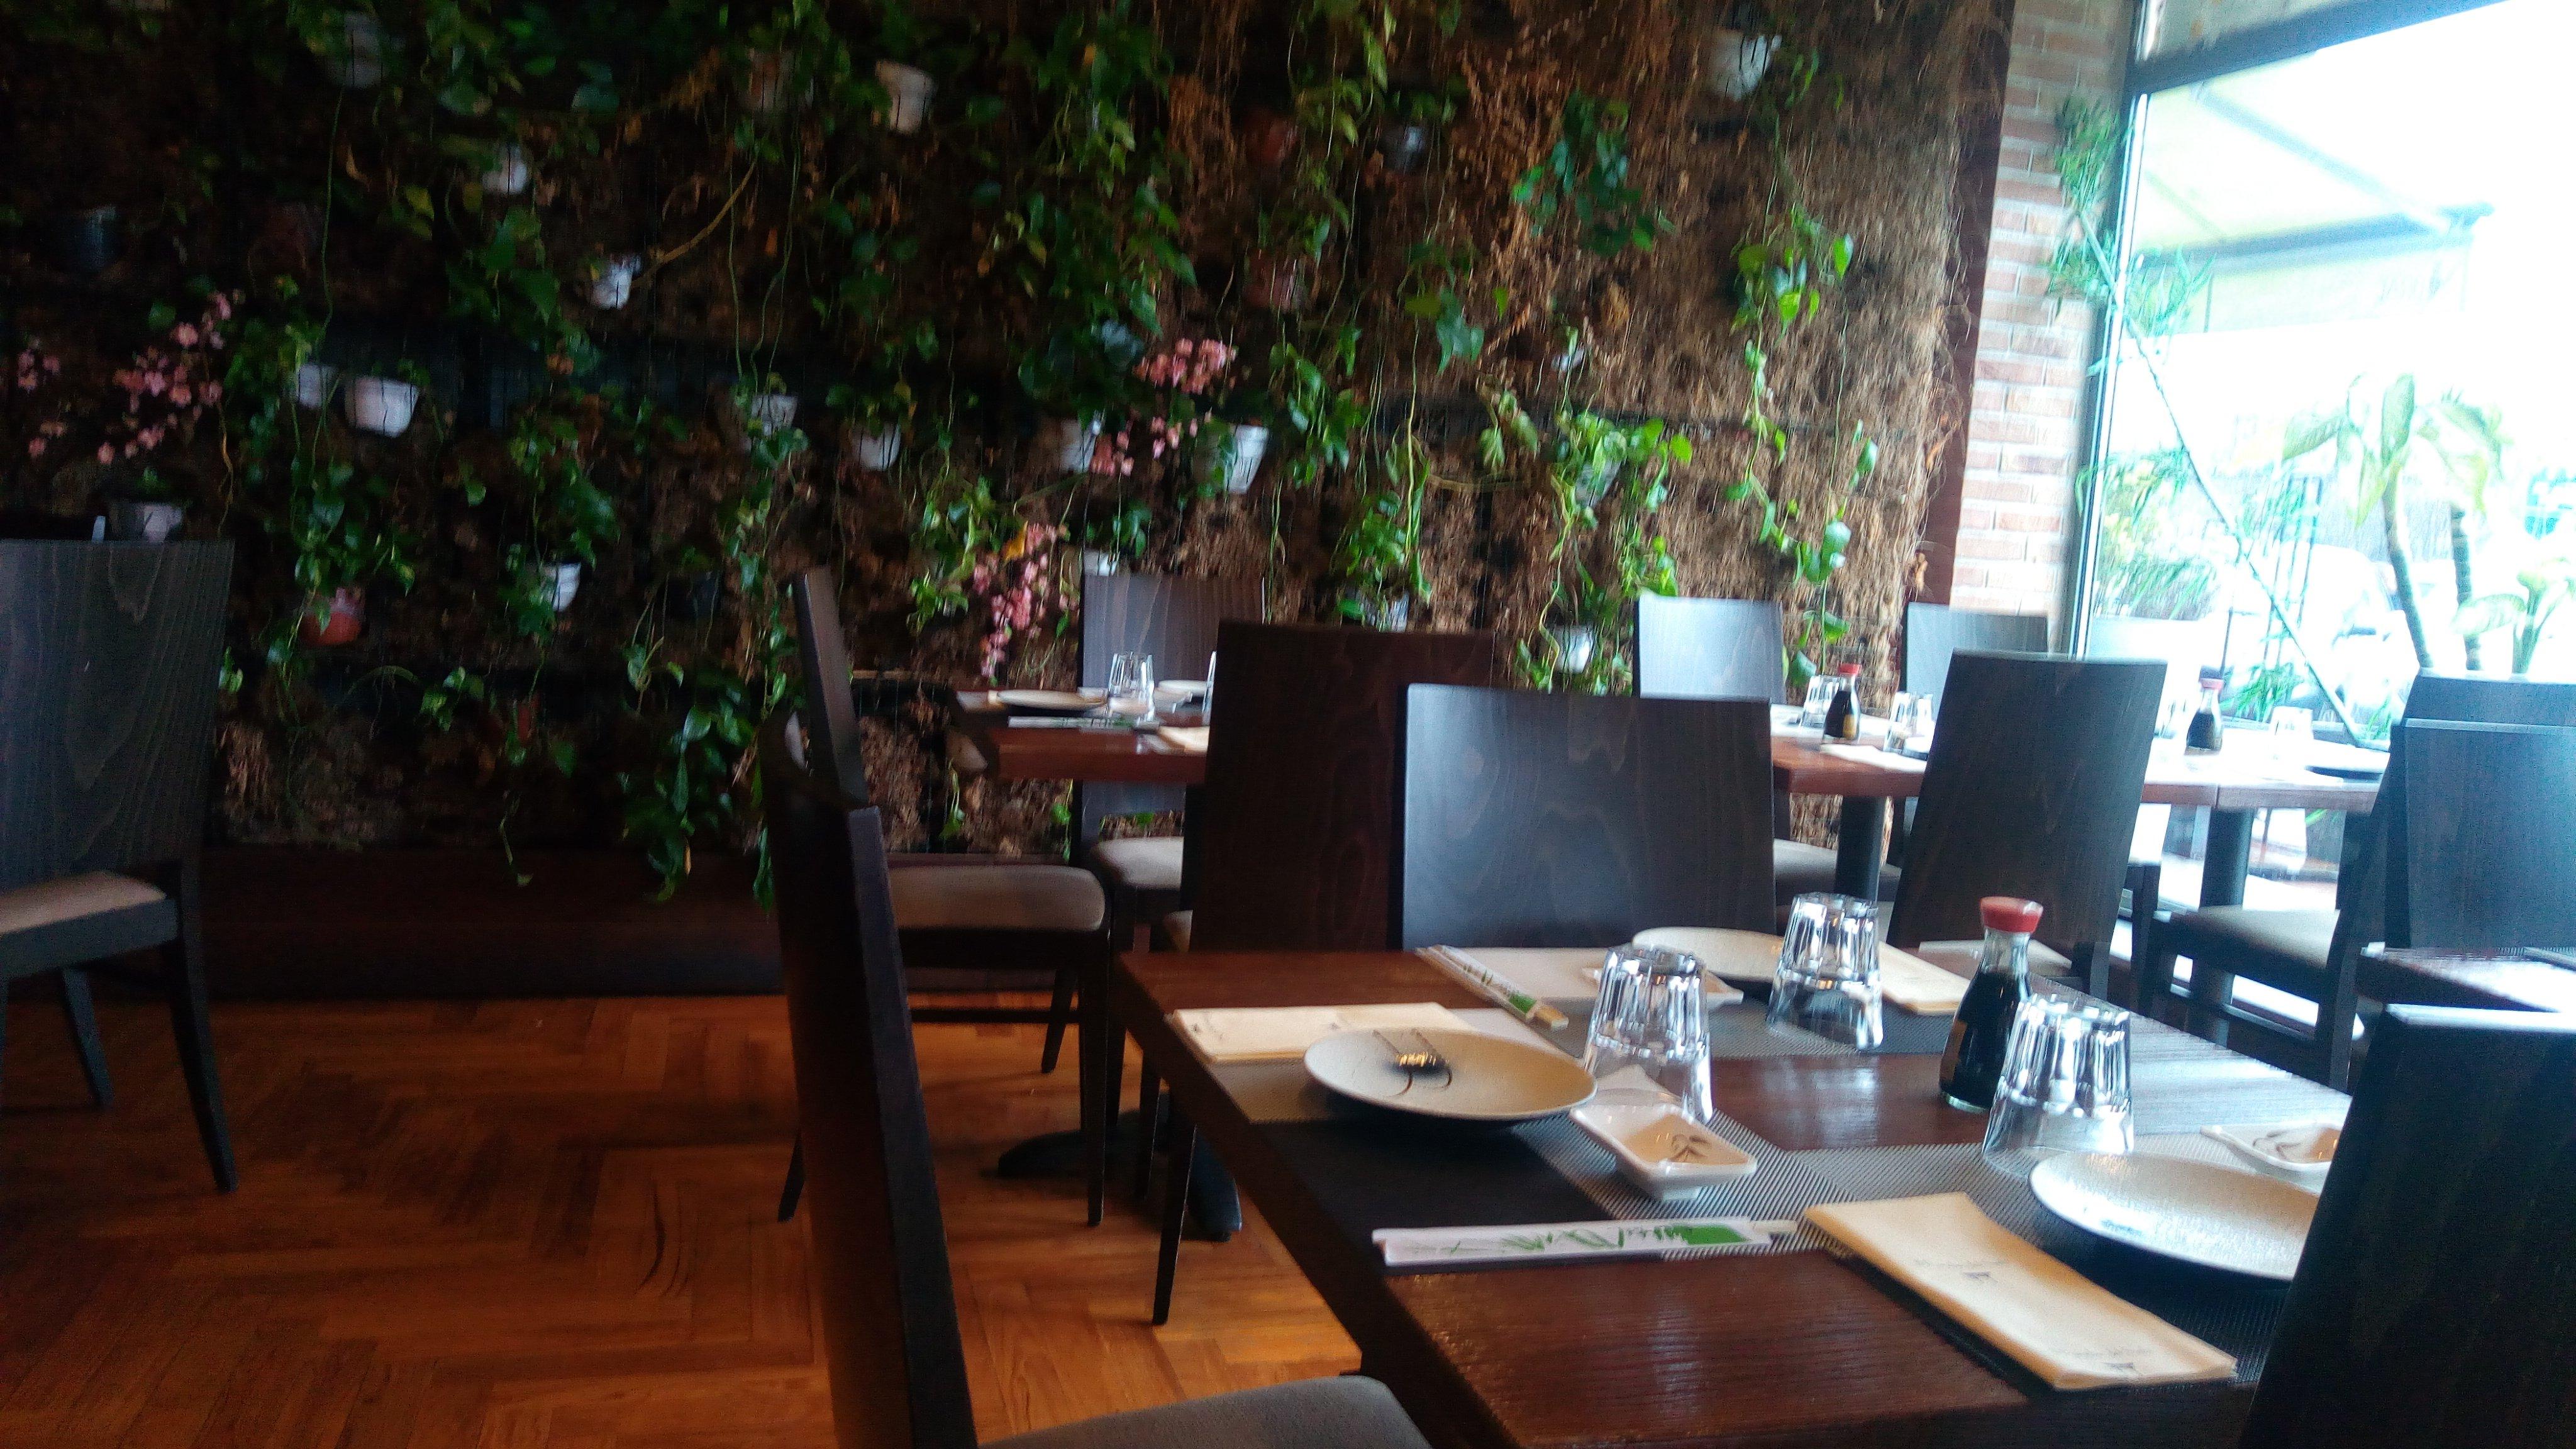 vista di una parete di terra con dei vasi di fiori e piante e i tavoli all'interno del ristorante